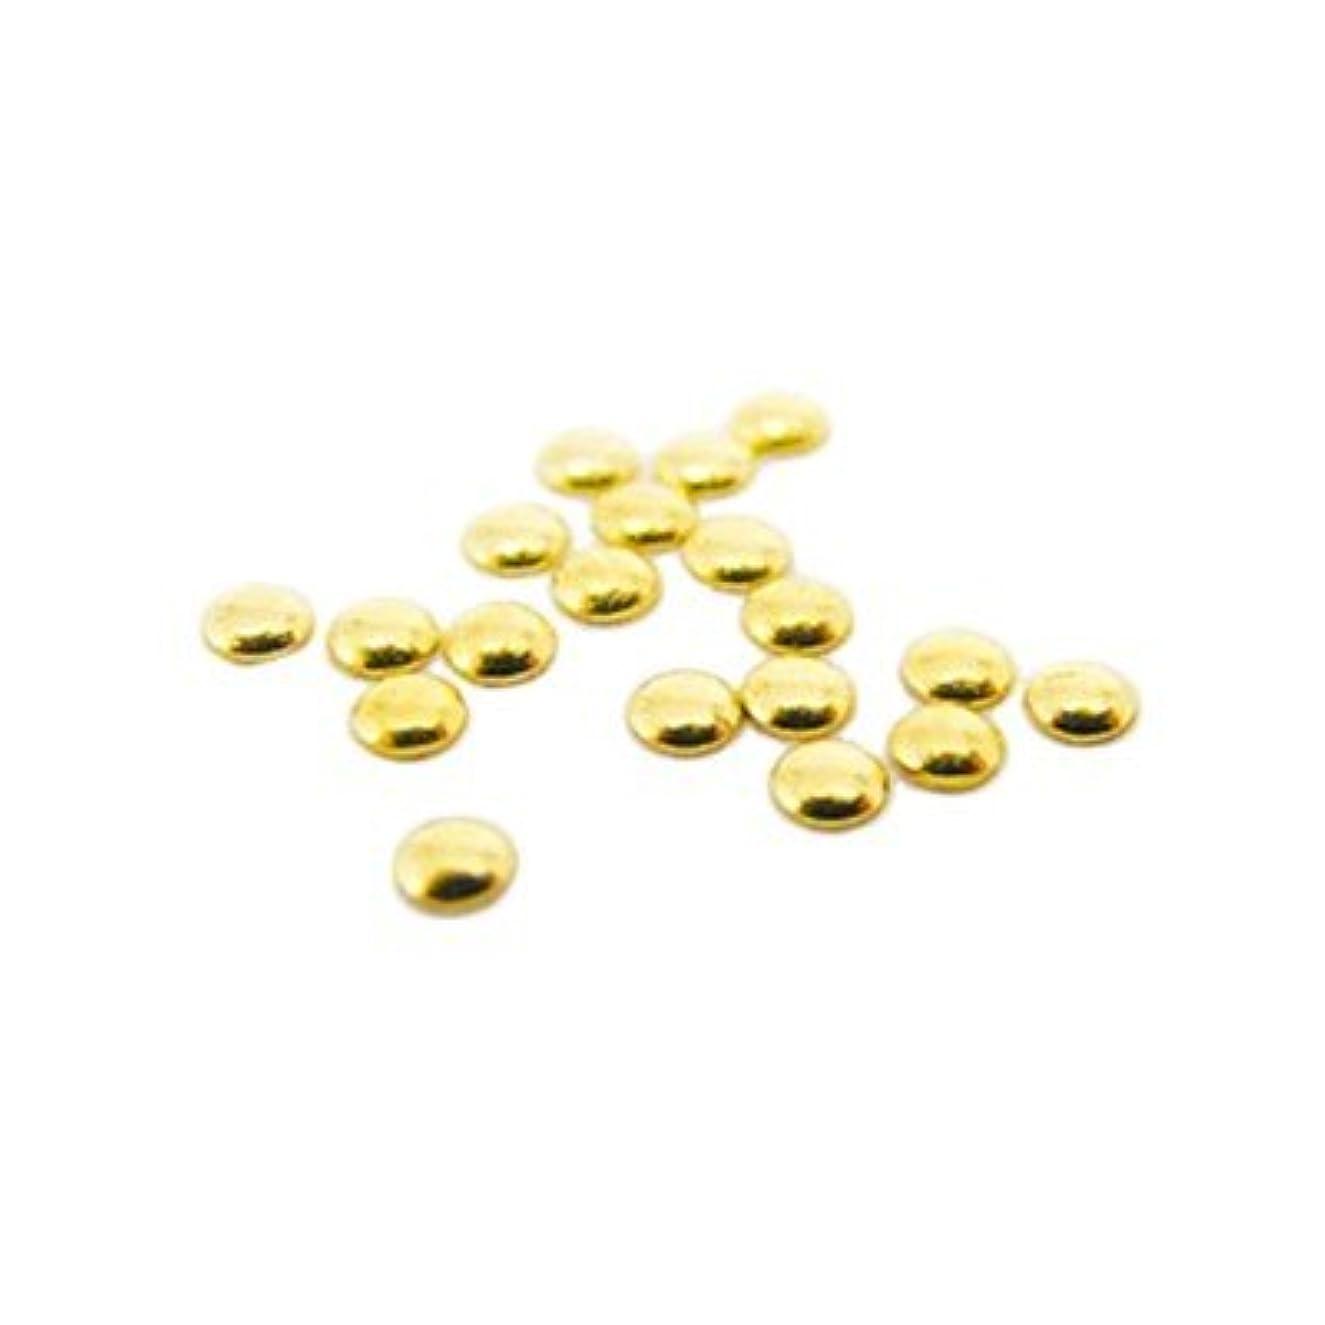 シーフード教育数学的なピアドラ スタッズ 2.0mm 50P ゴールド